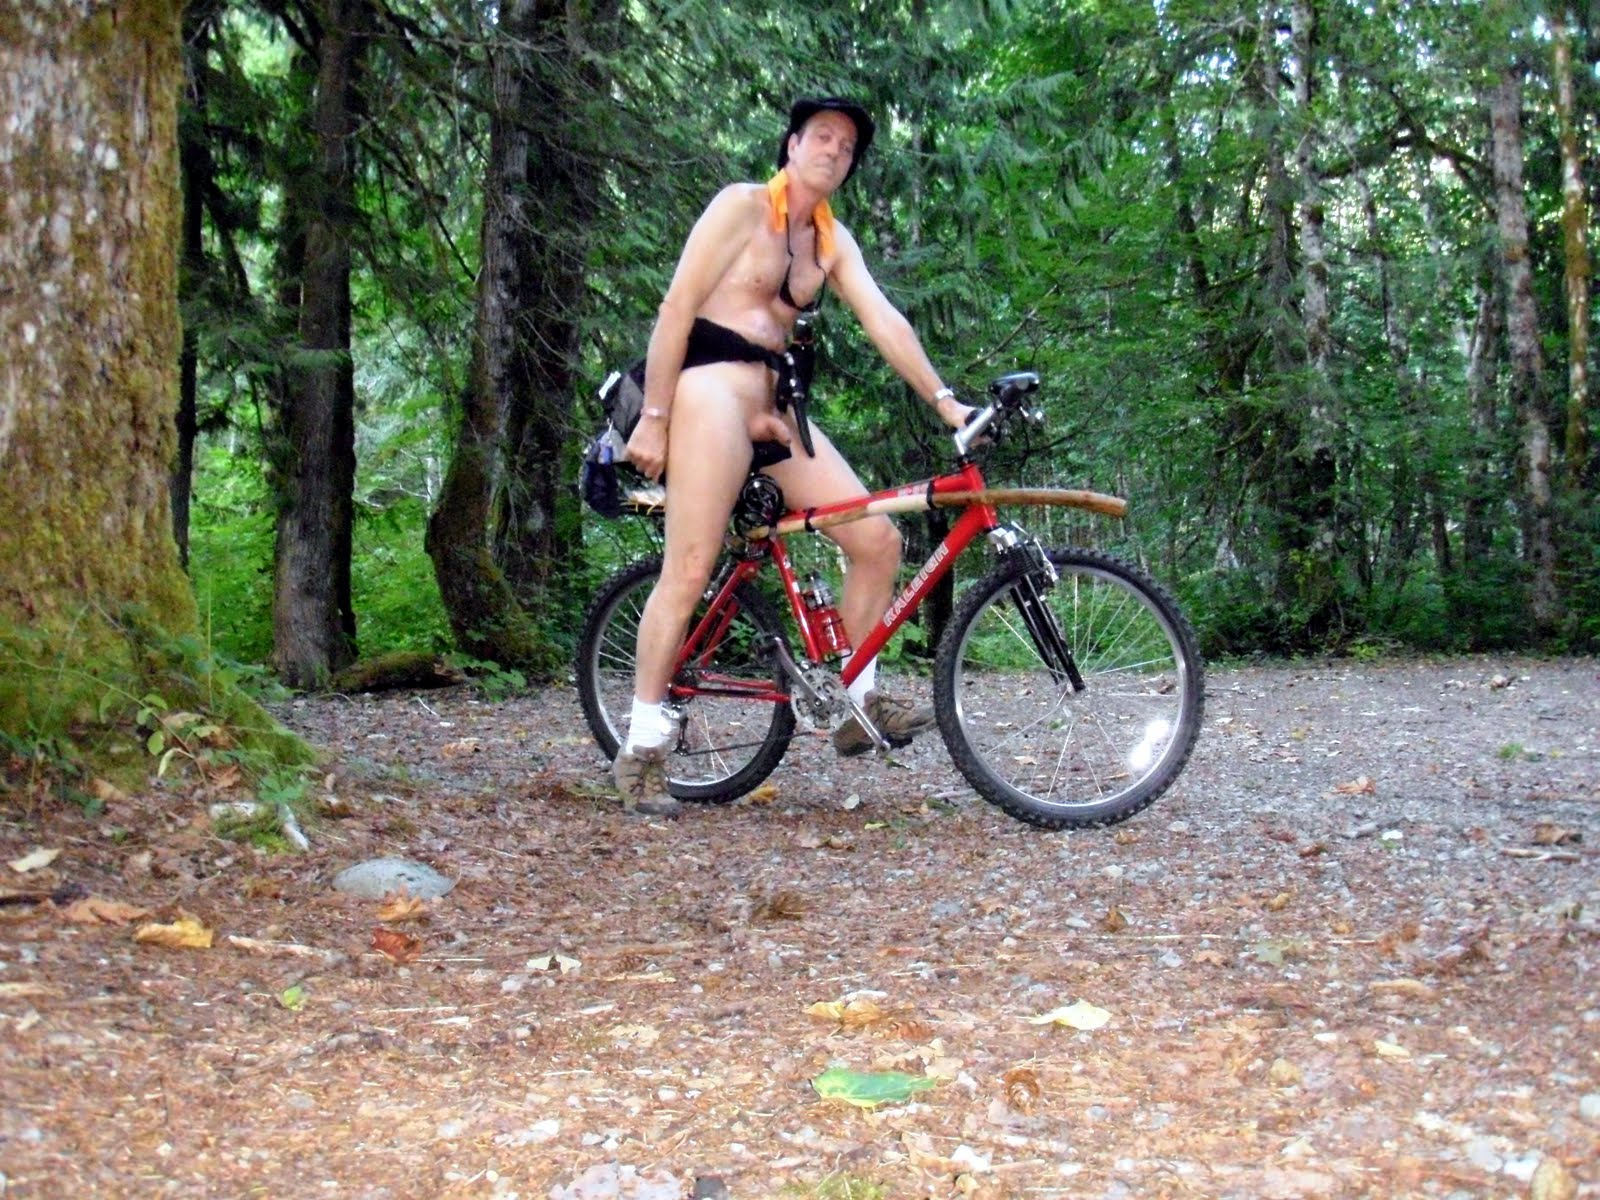 Naked Mountain Biking 63